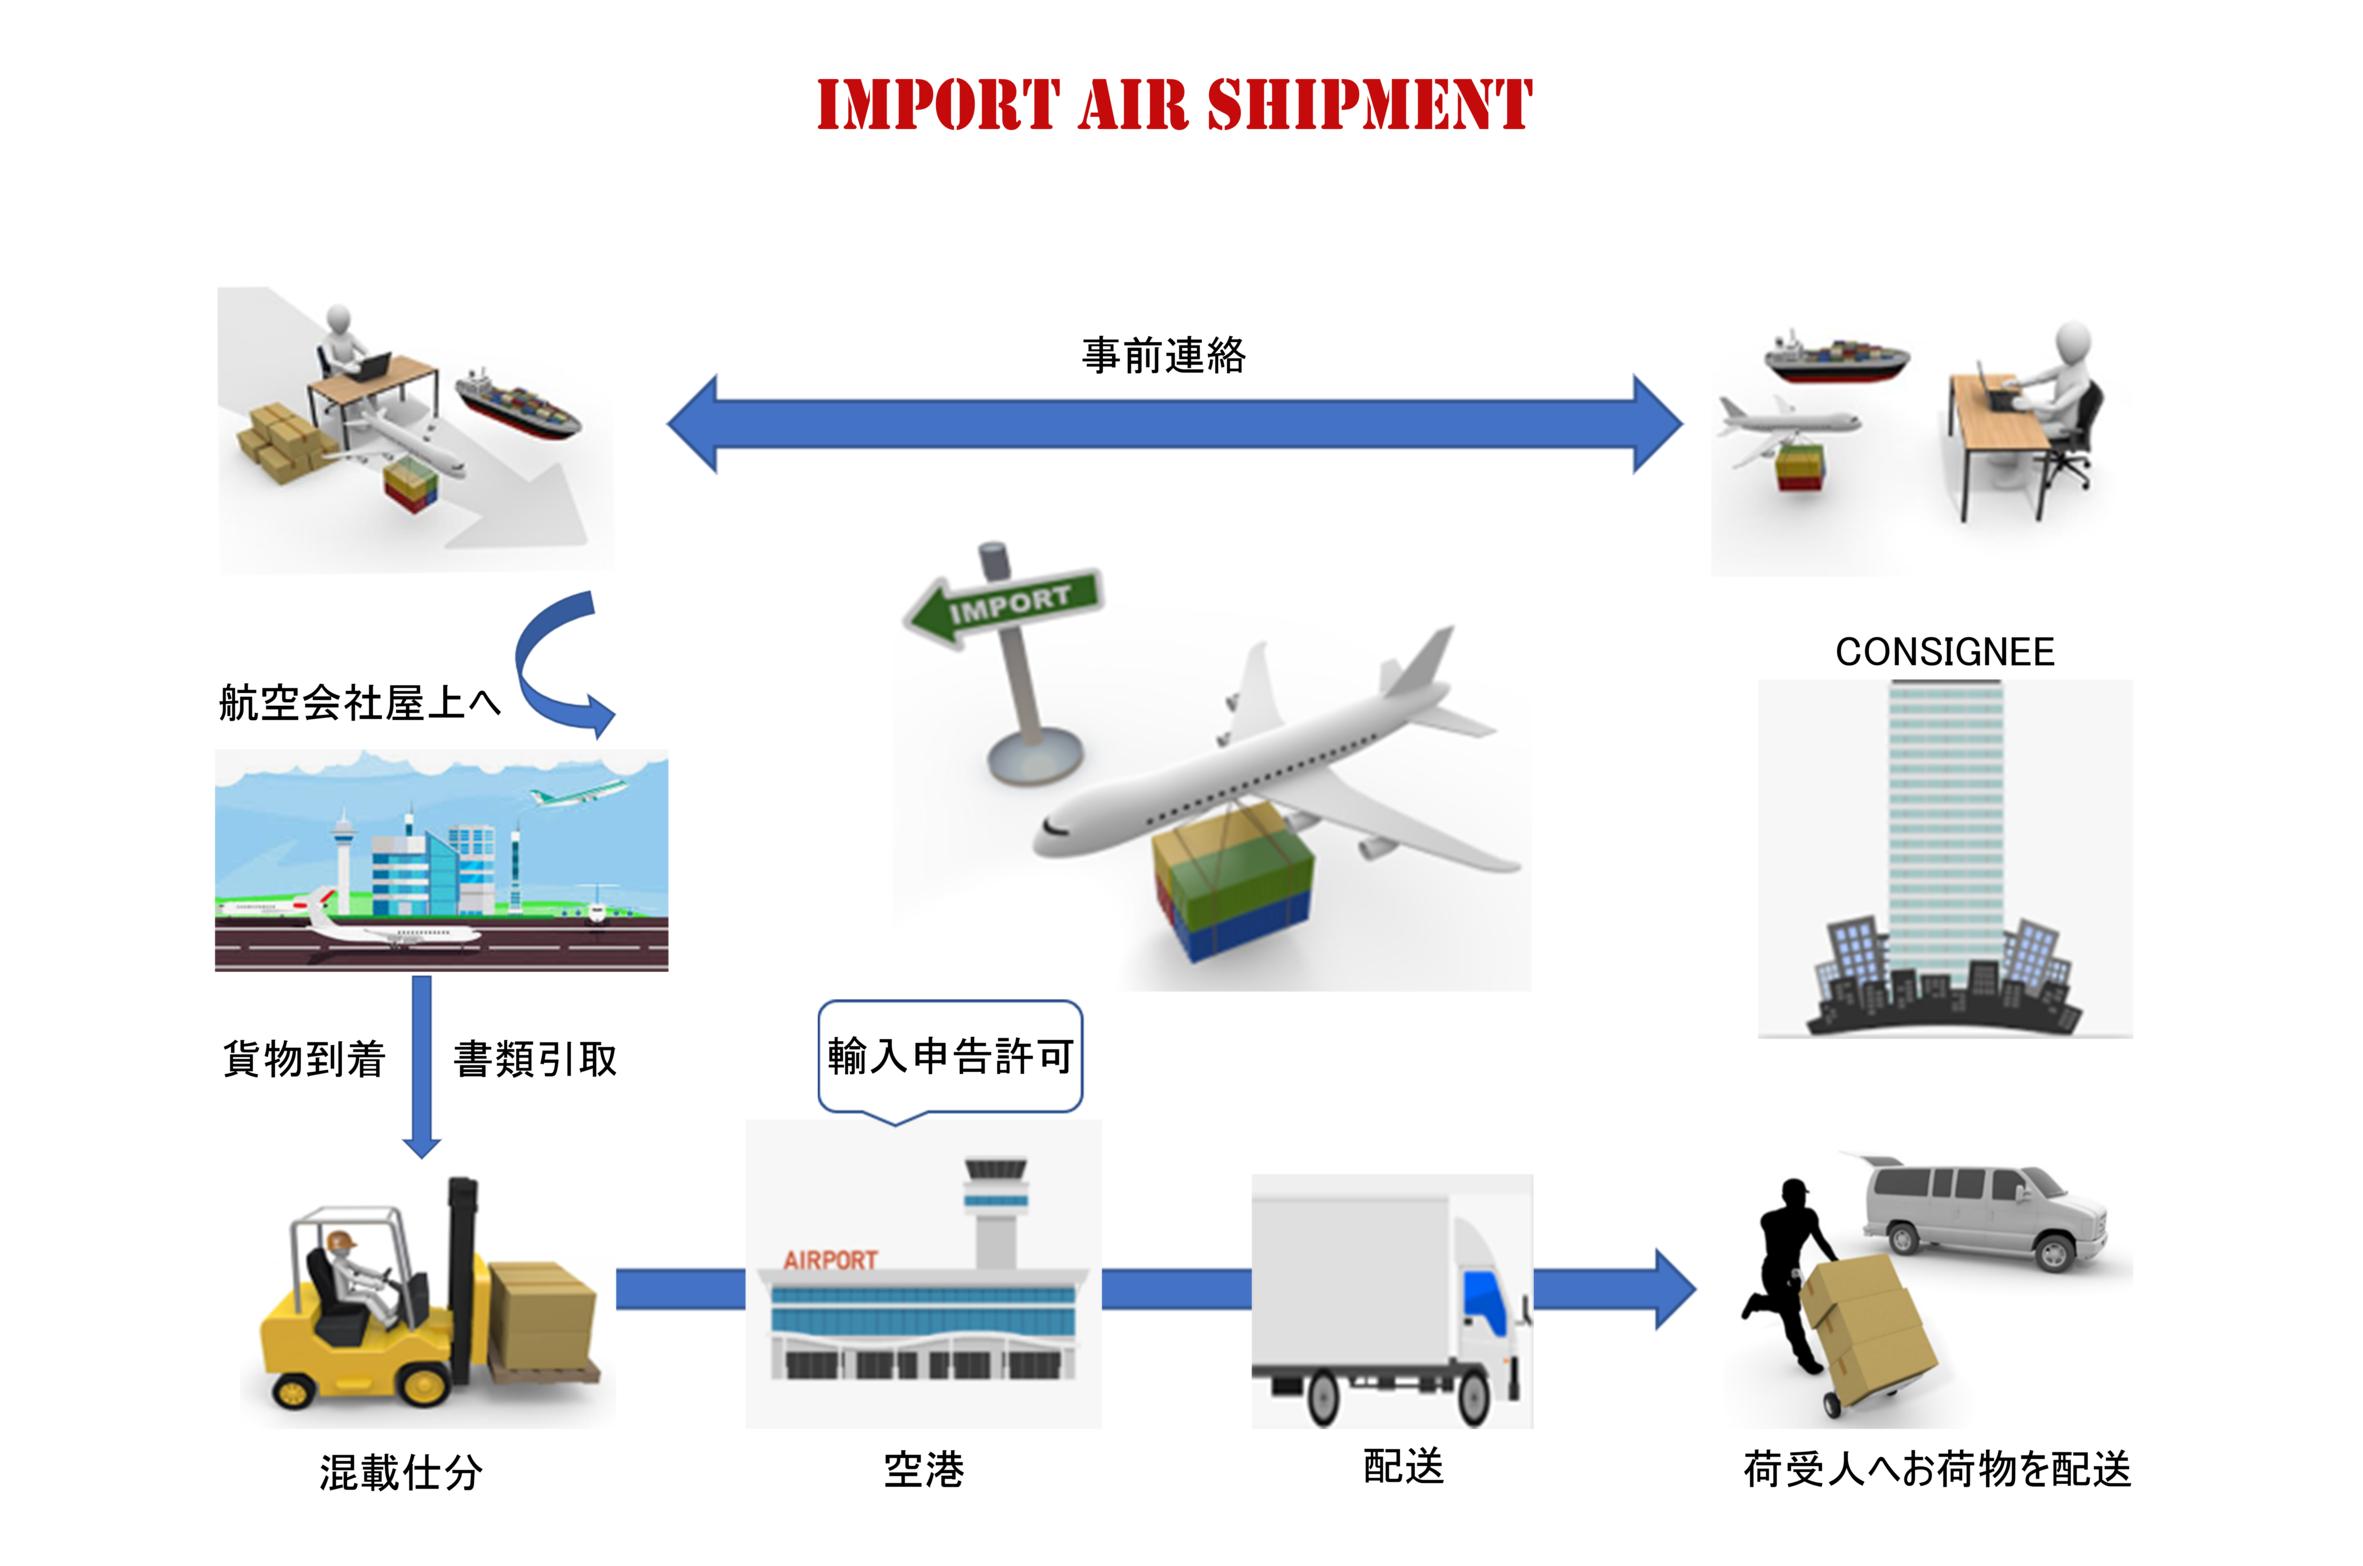 Air-import